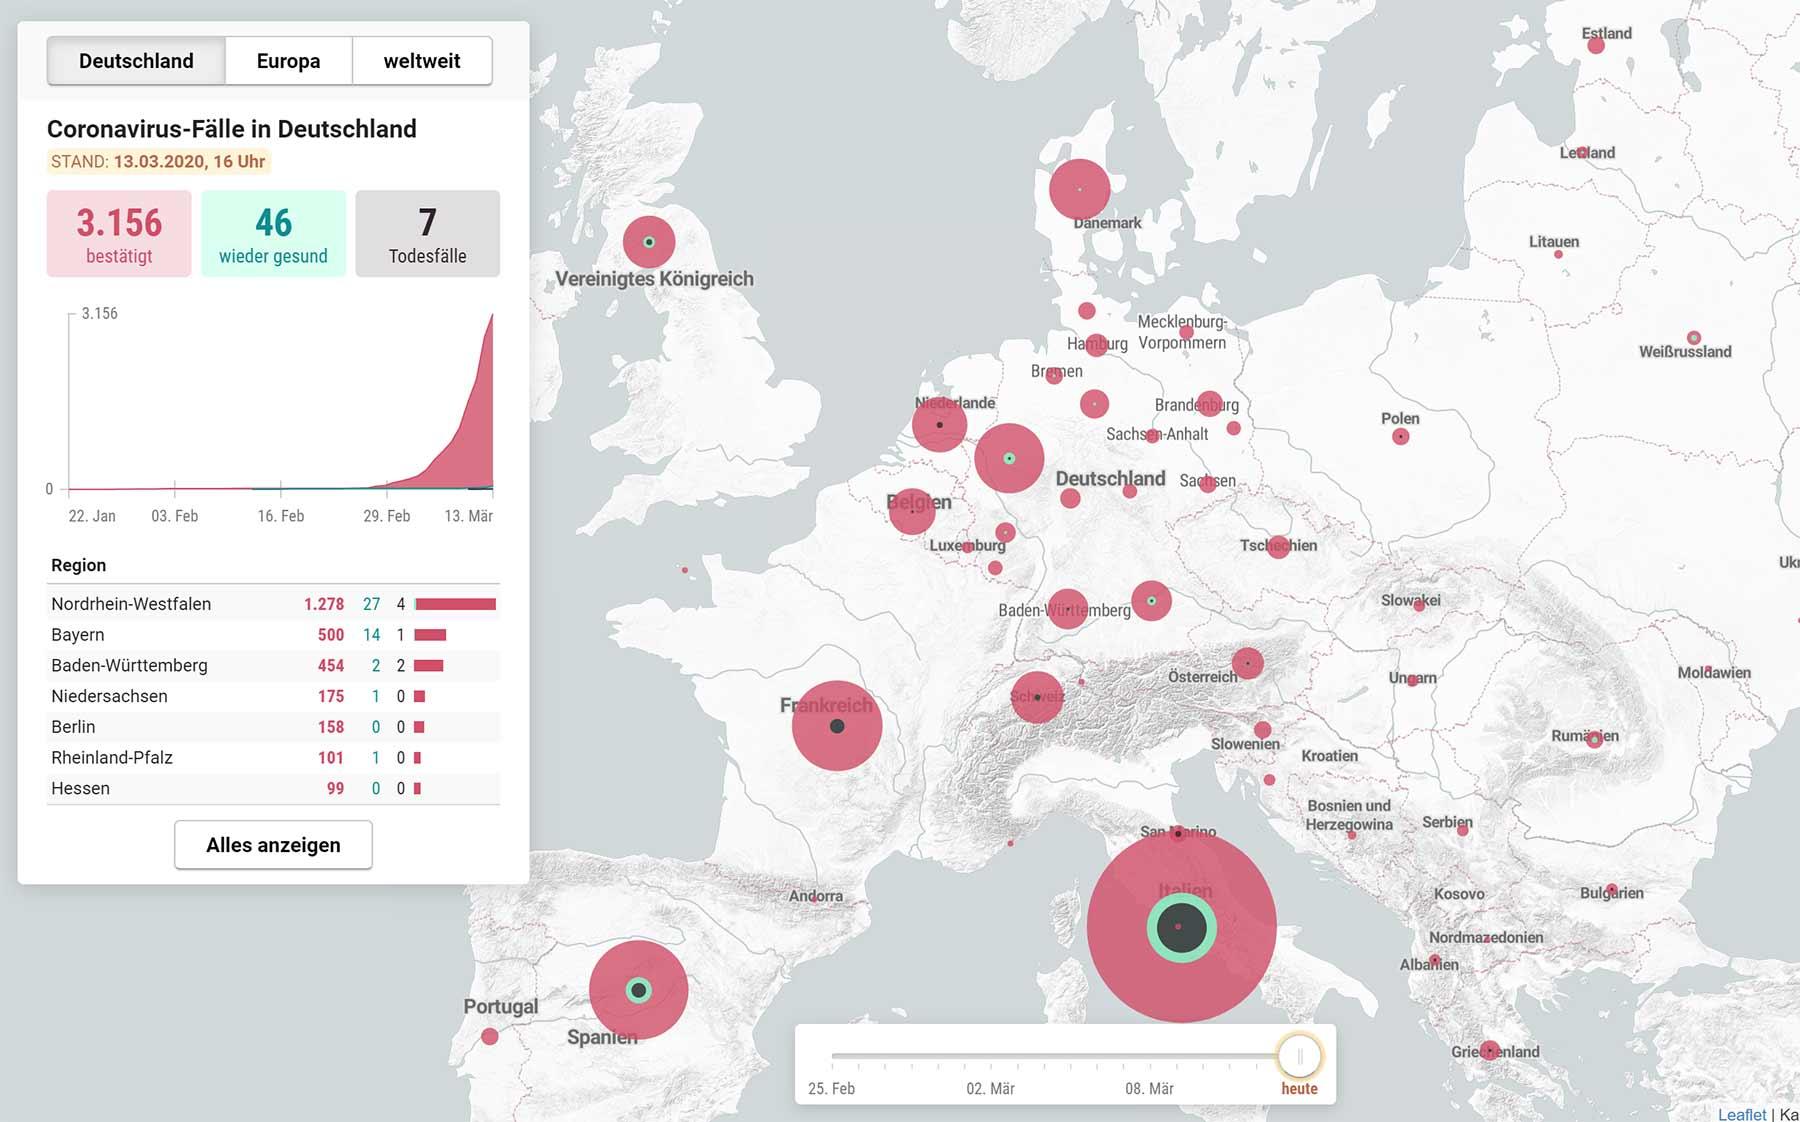 Coronavirus-Monitor: Echtzeit-Karte zeigt Infektionen weltweit interaktive-karte-coronavirusfaelle-weltweit